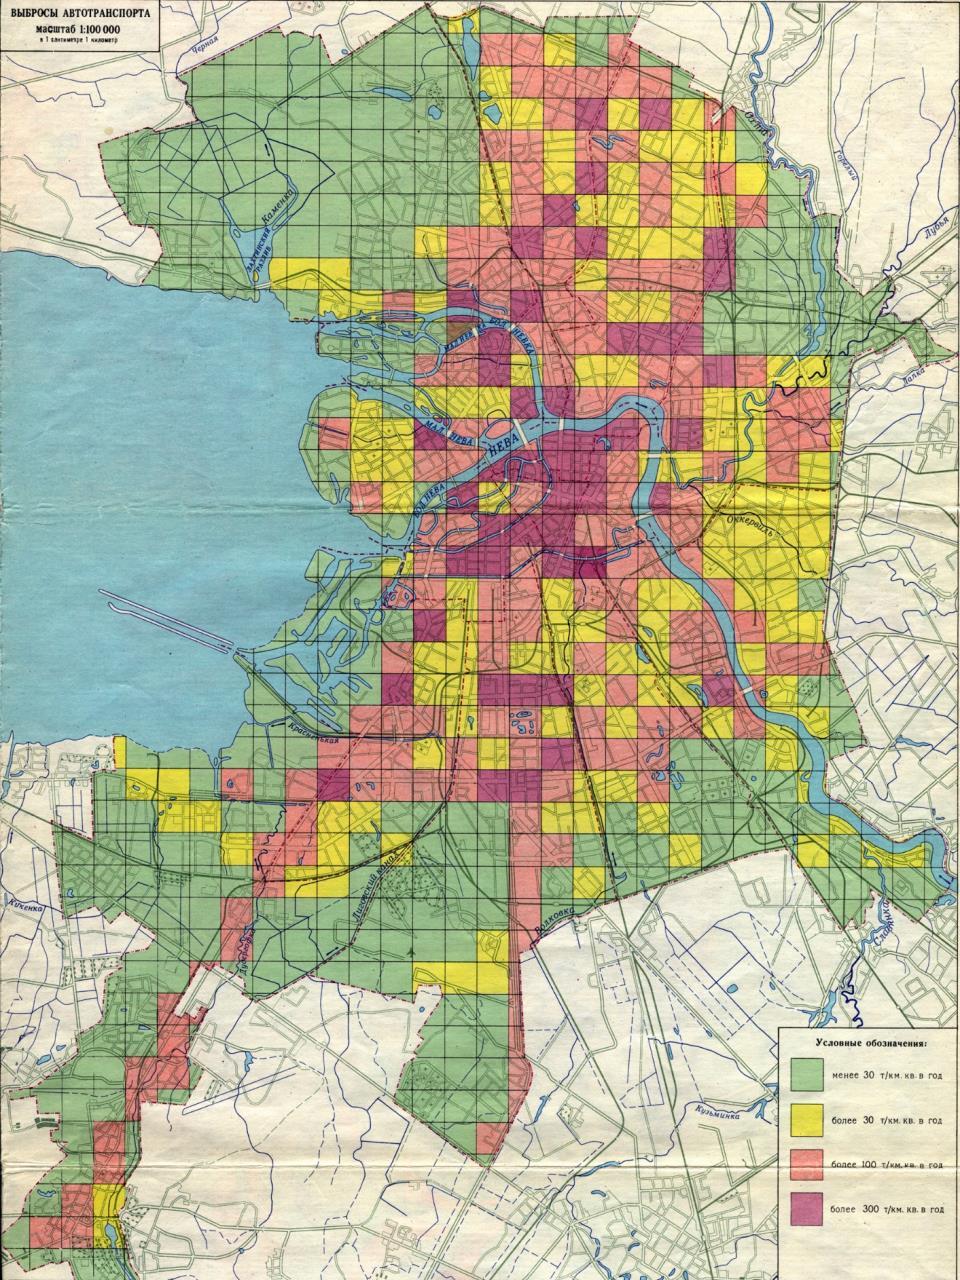 Распределение выбросов от автомобильного транспорта по районам СПб